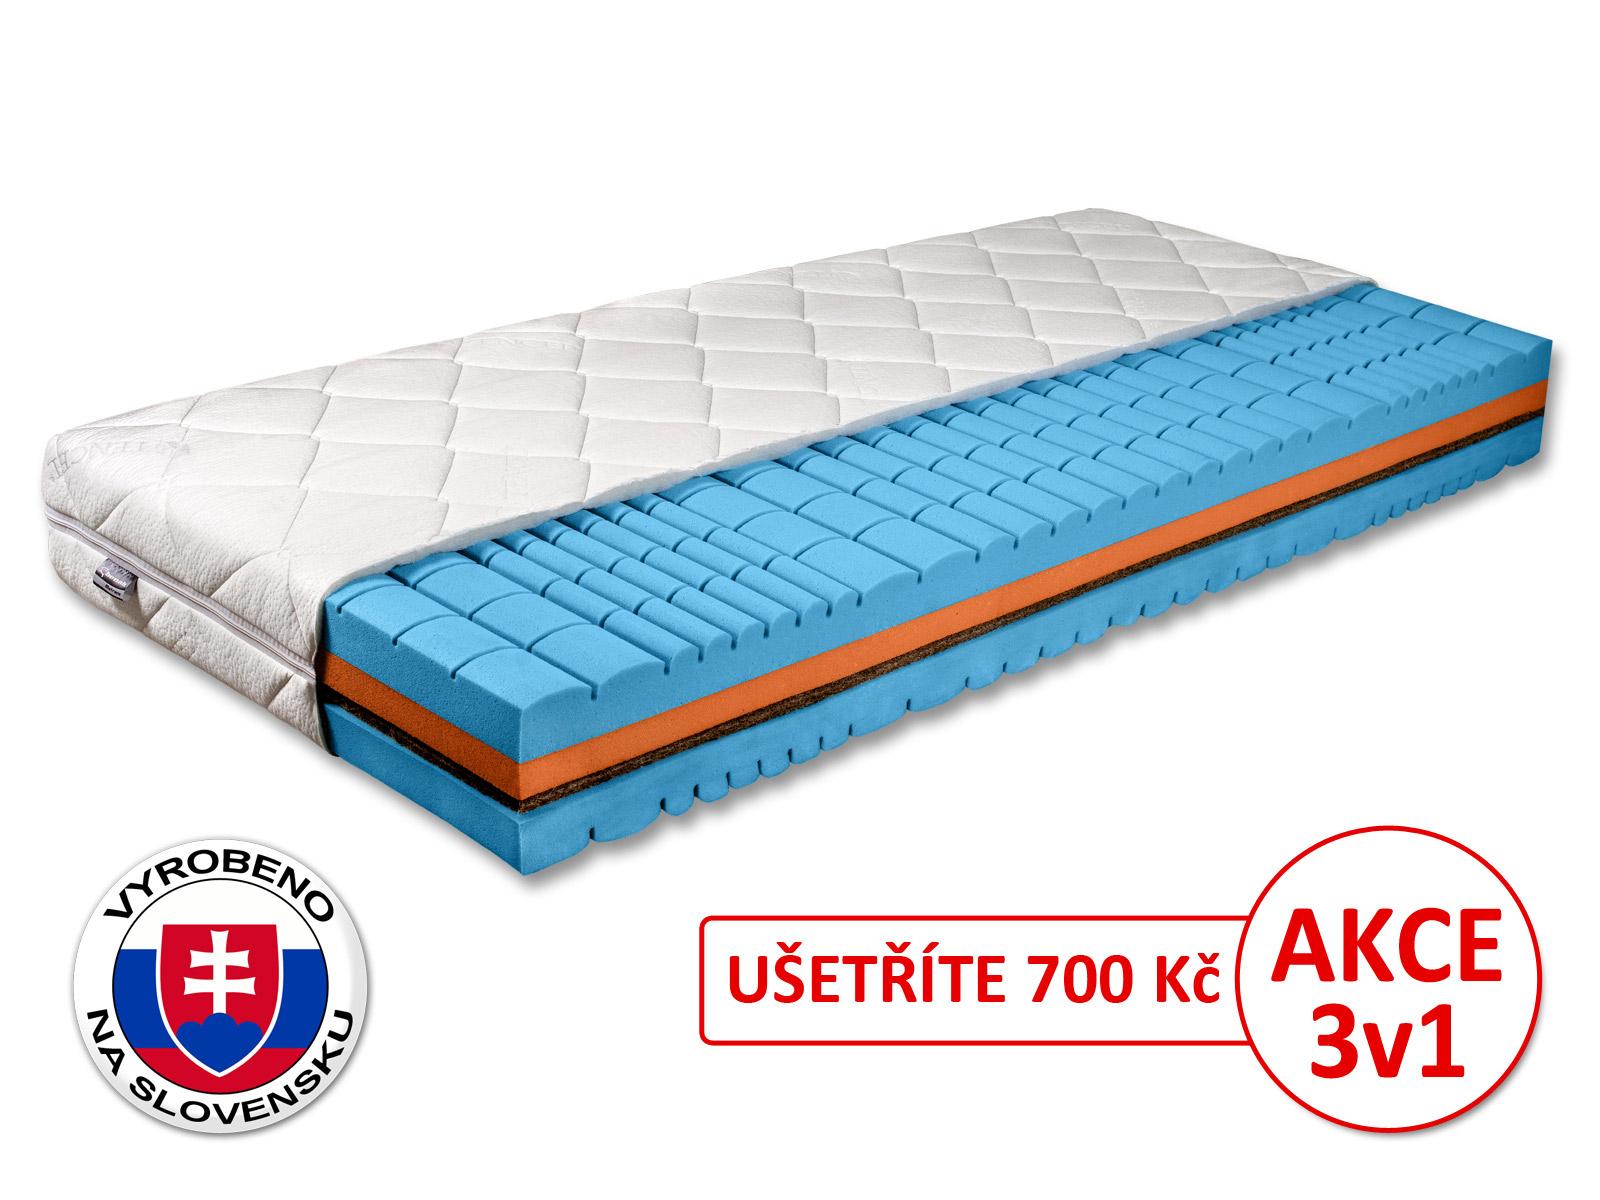 Pěnová matrace - Benab - Delta Flex - 200x80 cm (T4/T5). Prodyšná, anatomická, oboustranná matrace z vysoce pružné HR studené pěny, s přírodní kokosovou deskou, pro nejnáročnější. Vyrobená na Slovensku.